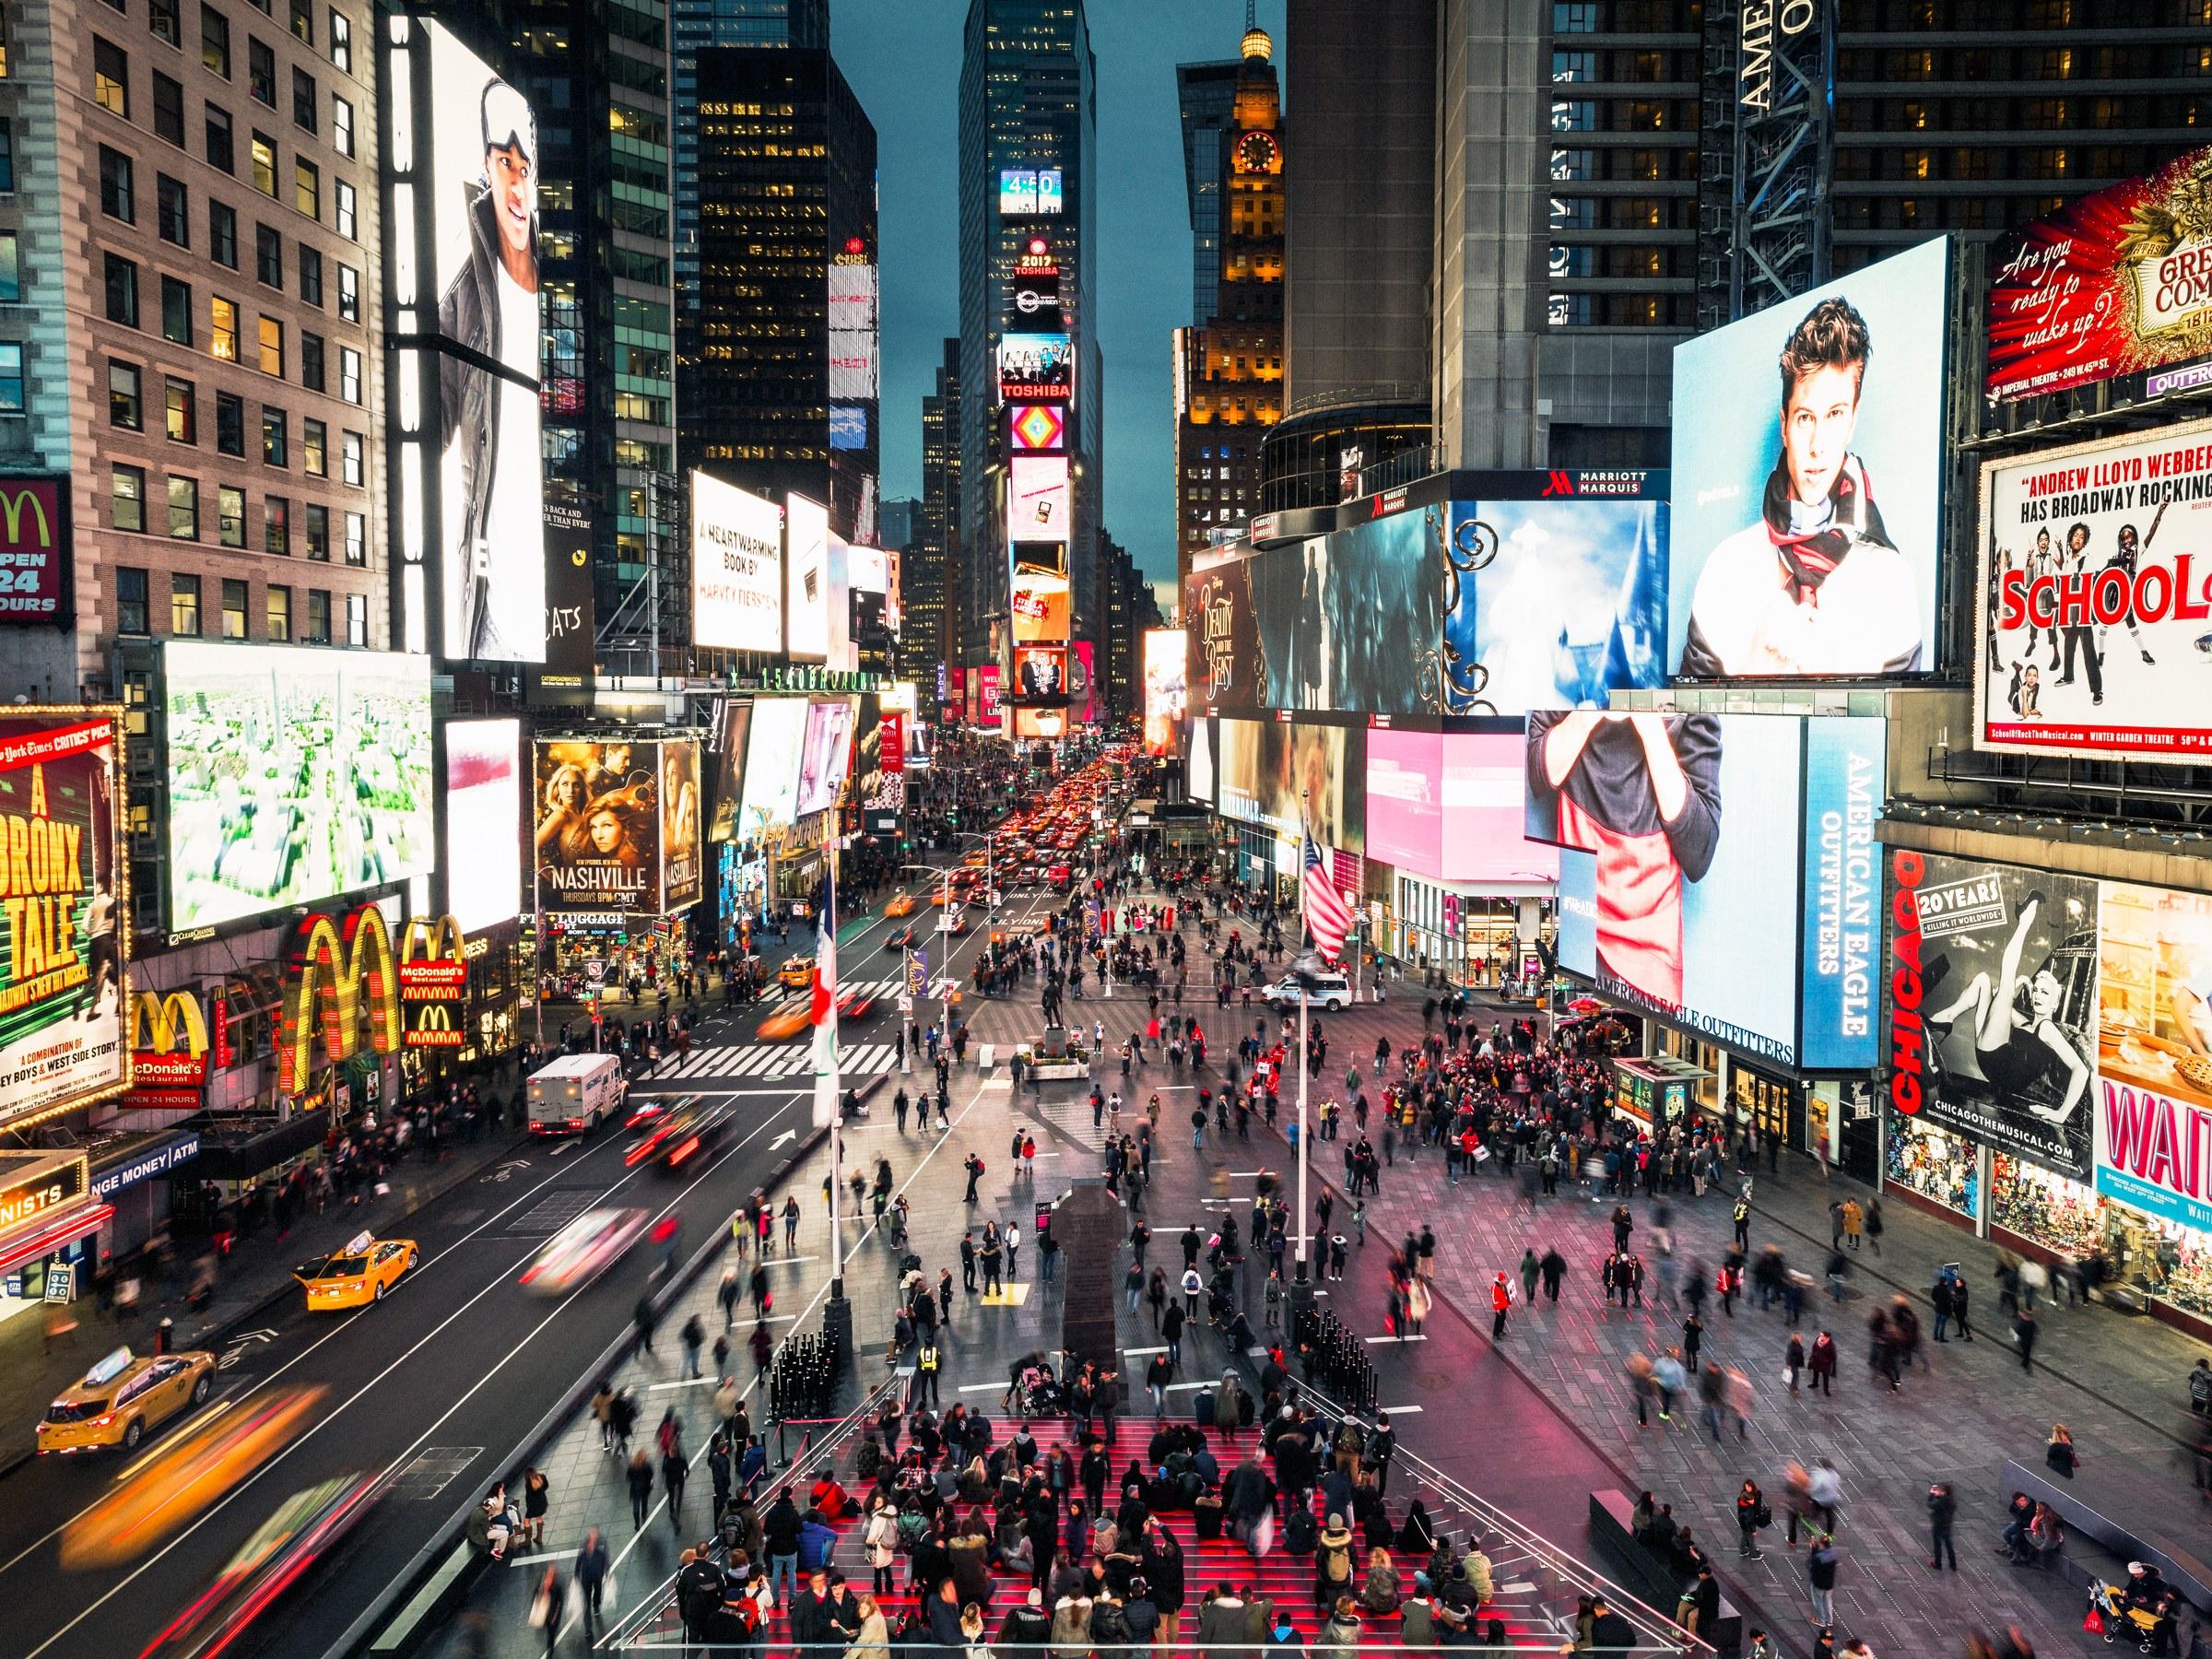 Quảng trường Thời New York